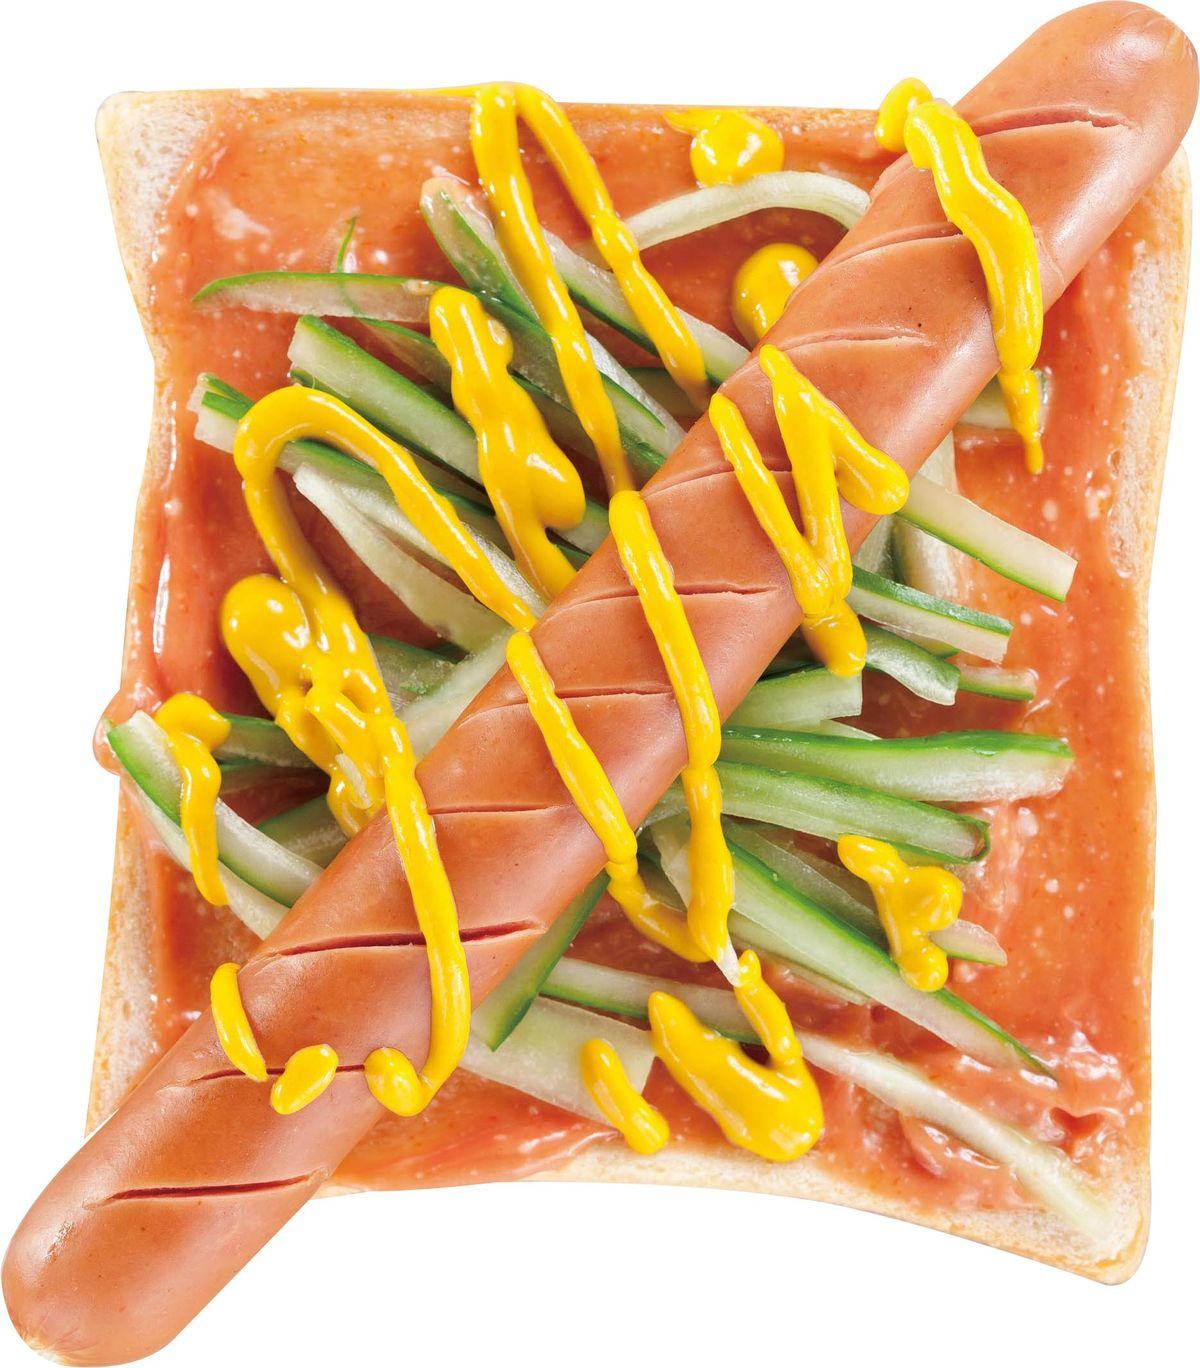 食譜:熱狗小黃瓜土司